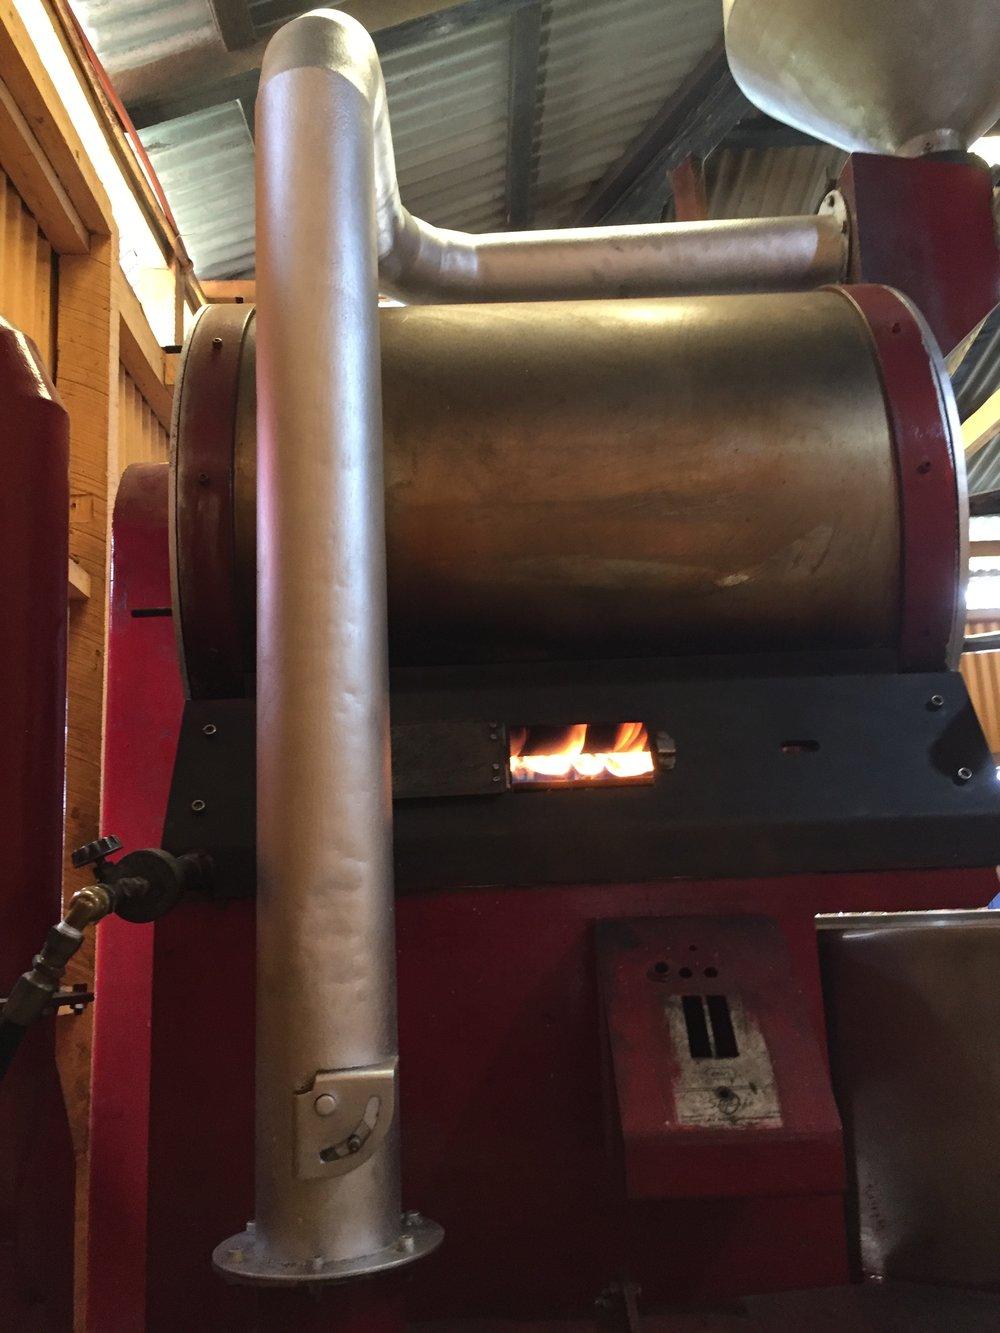 Außerdem wird die Trommel nicht durch Glühspiralen erhitzt, sondern durch Flammen, die durch Gas ausgelöst werden. Foto: © WEBER Packaging GmbH, 2019